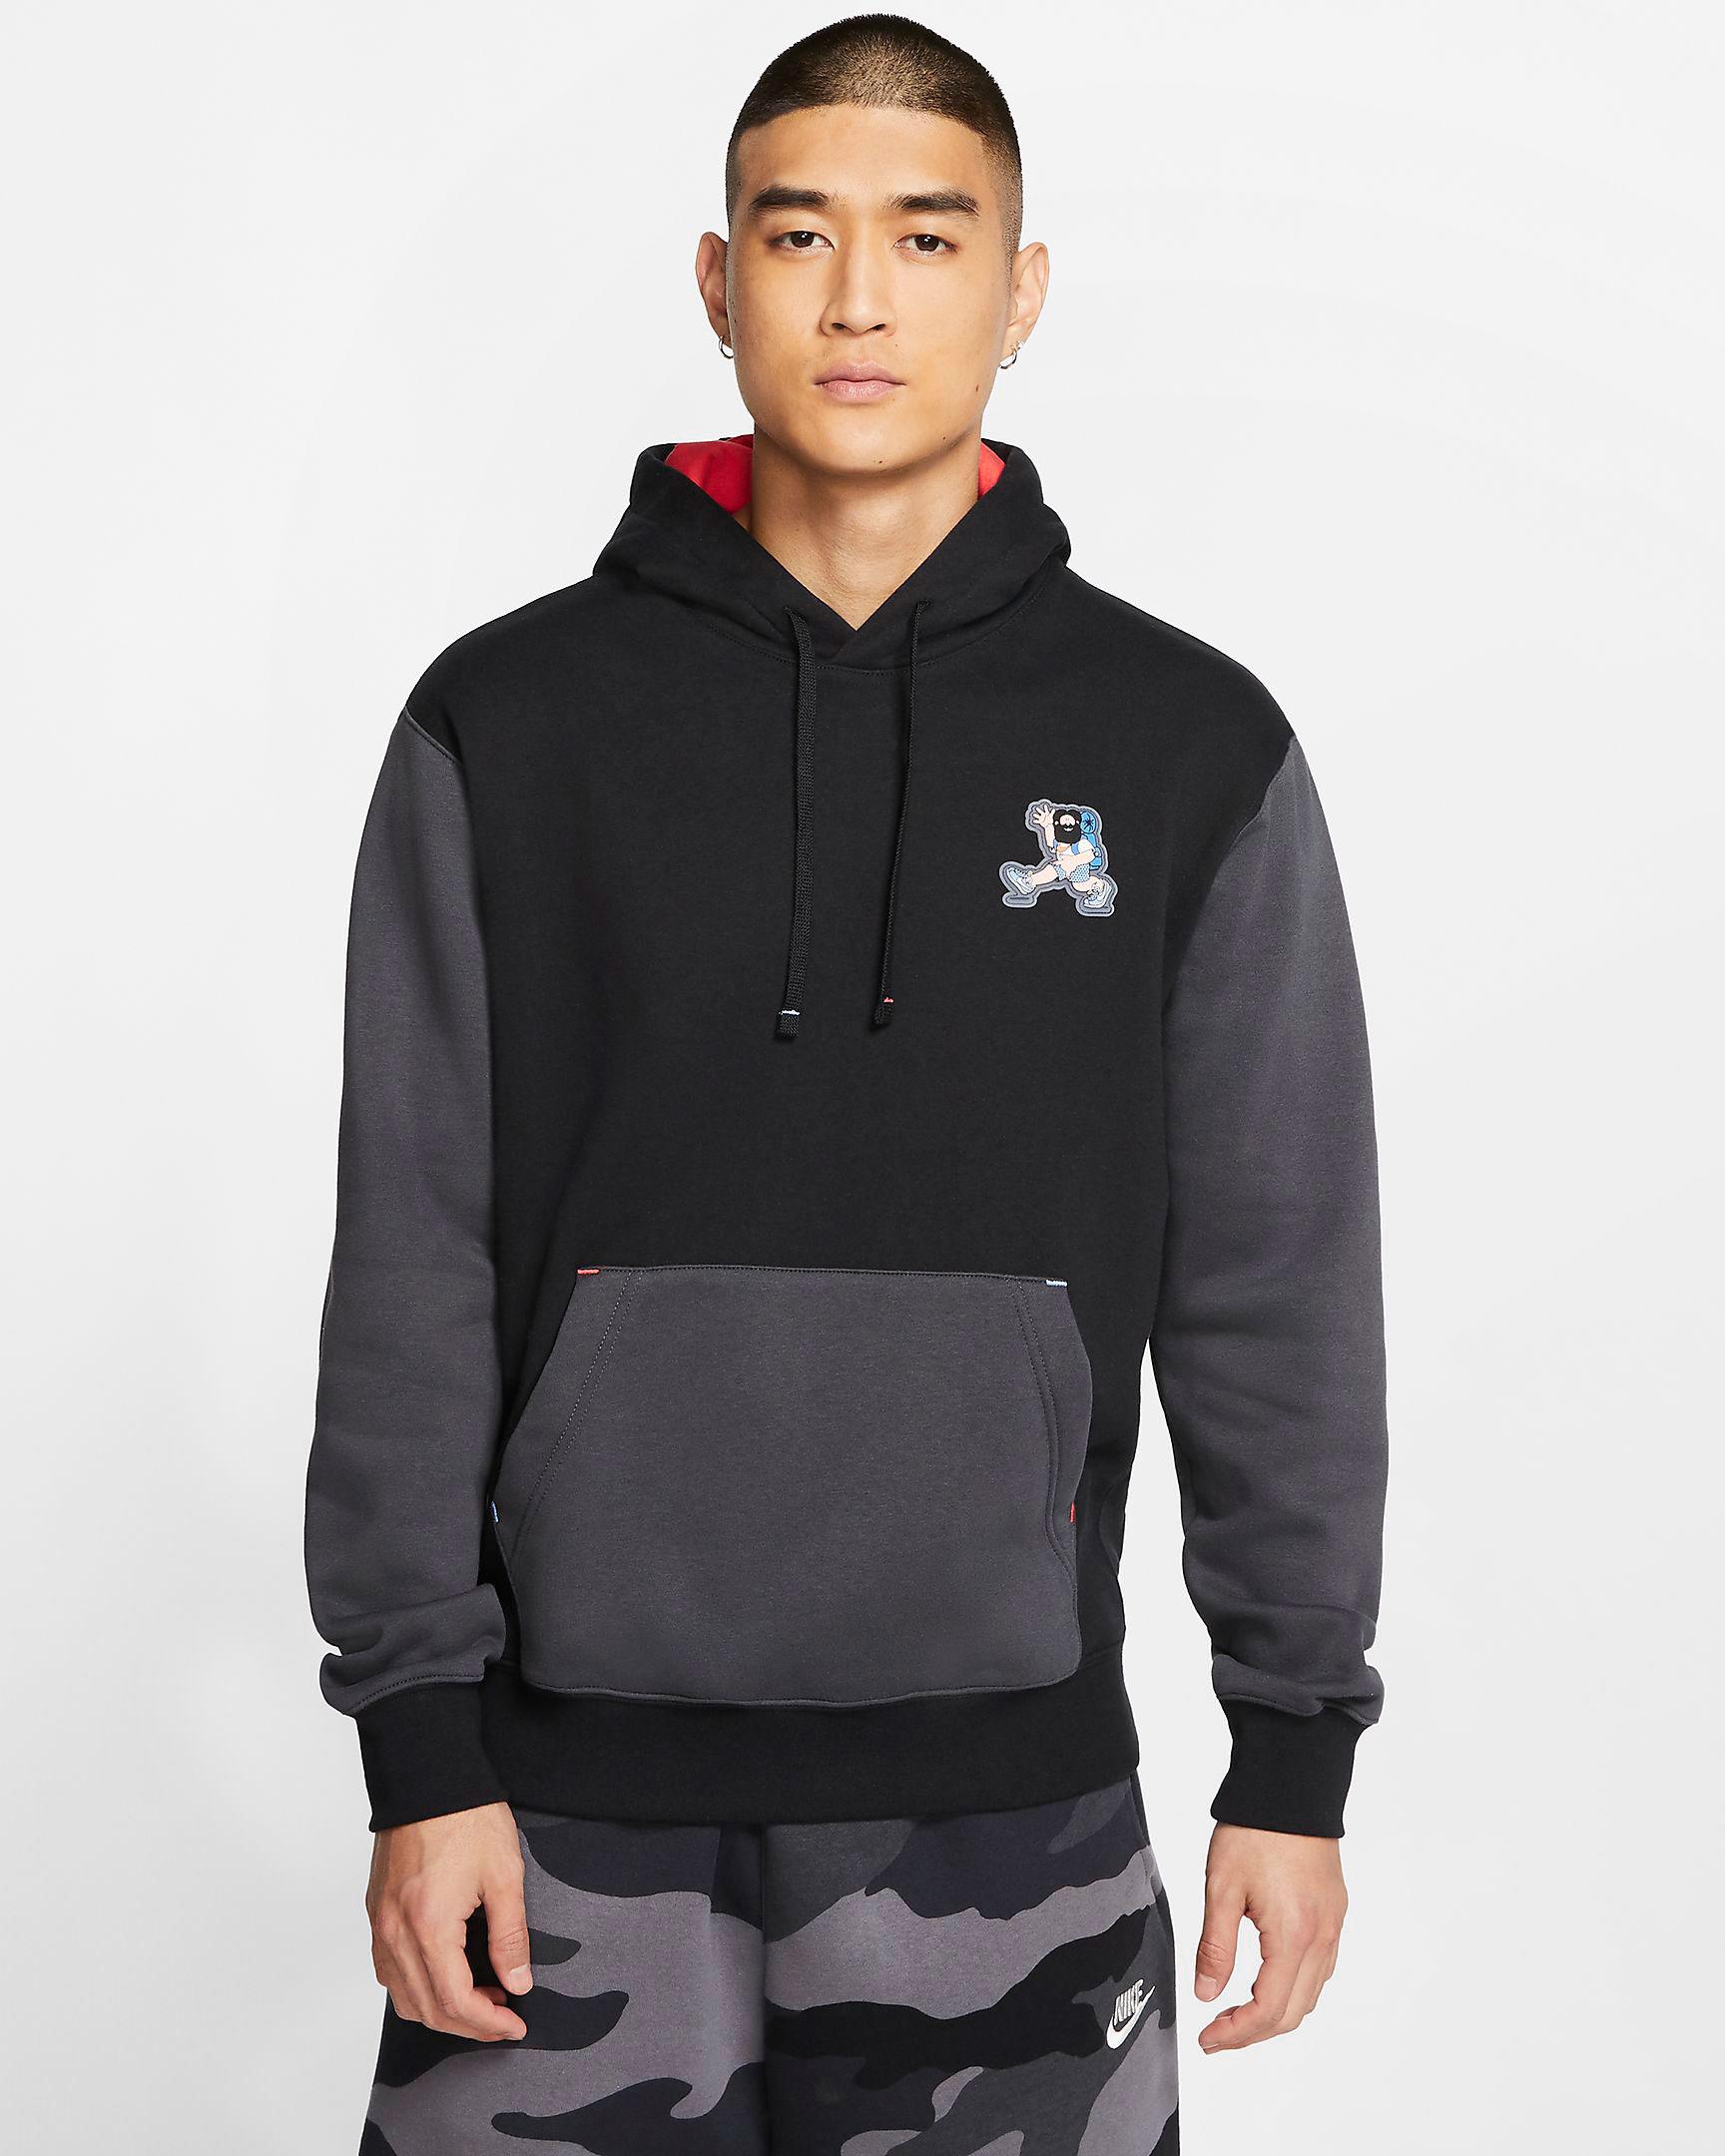 nike-hike-man-hoodie-black-grey-1